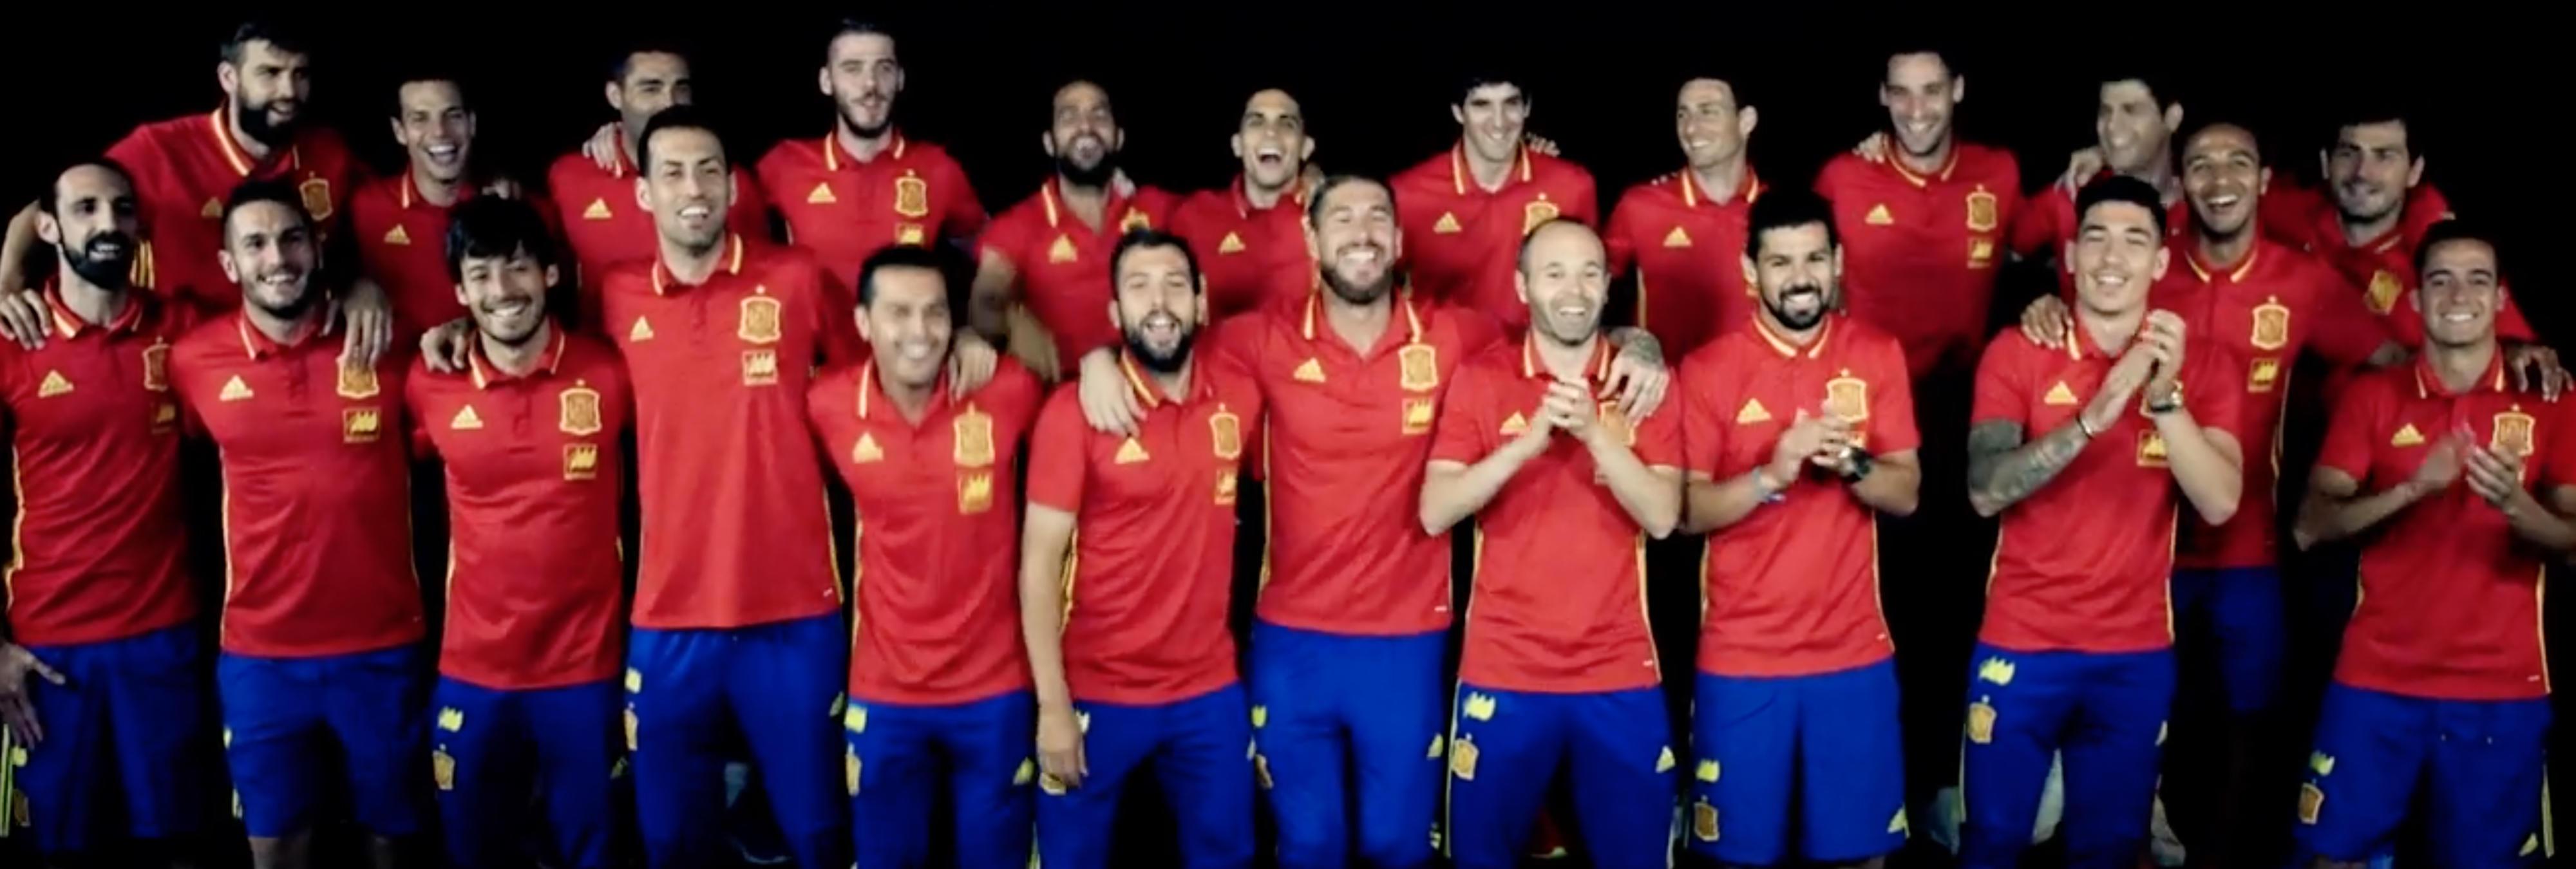 #LaRojaBaila y por eso los futbolistas no deberían cantar nunca